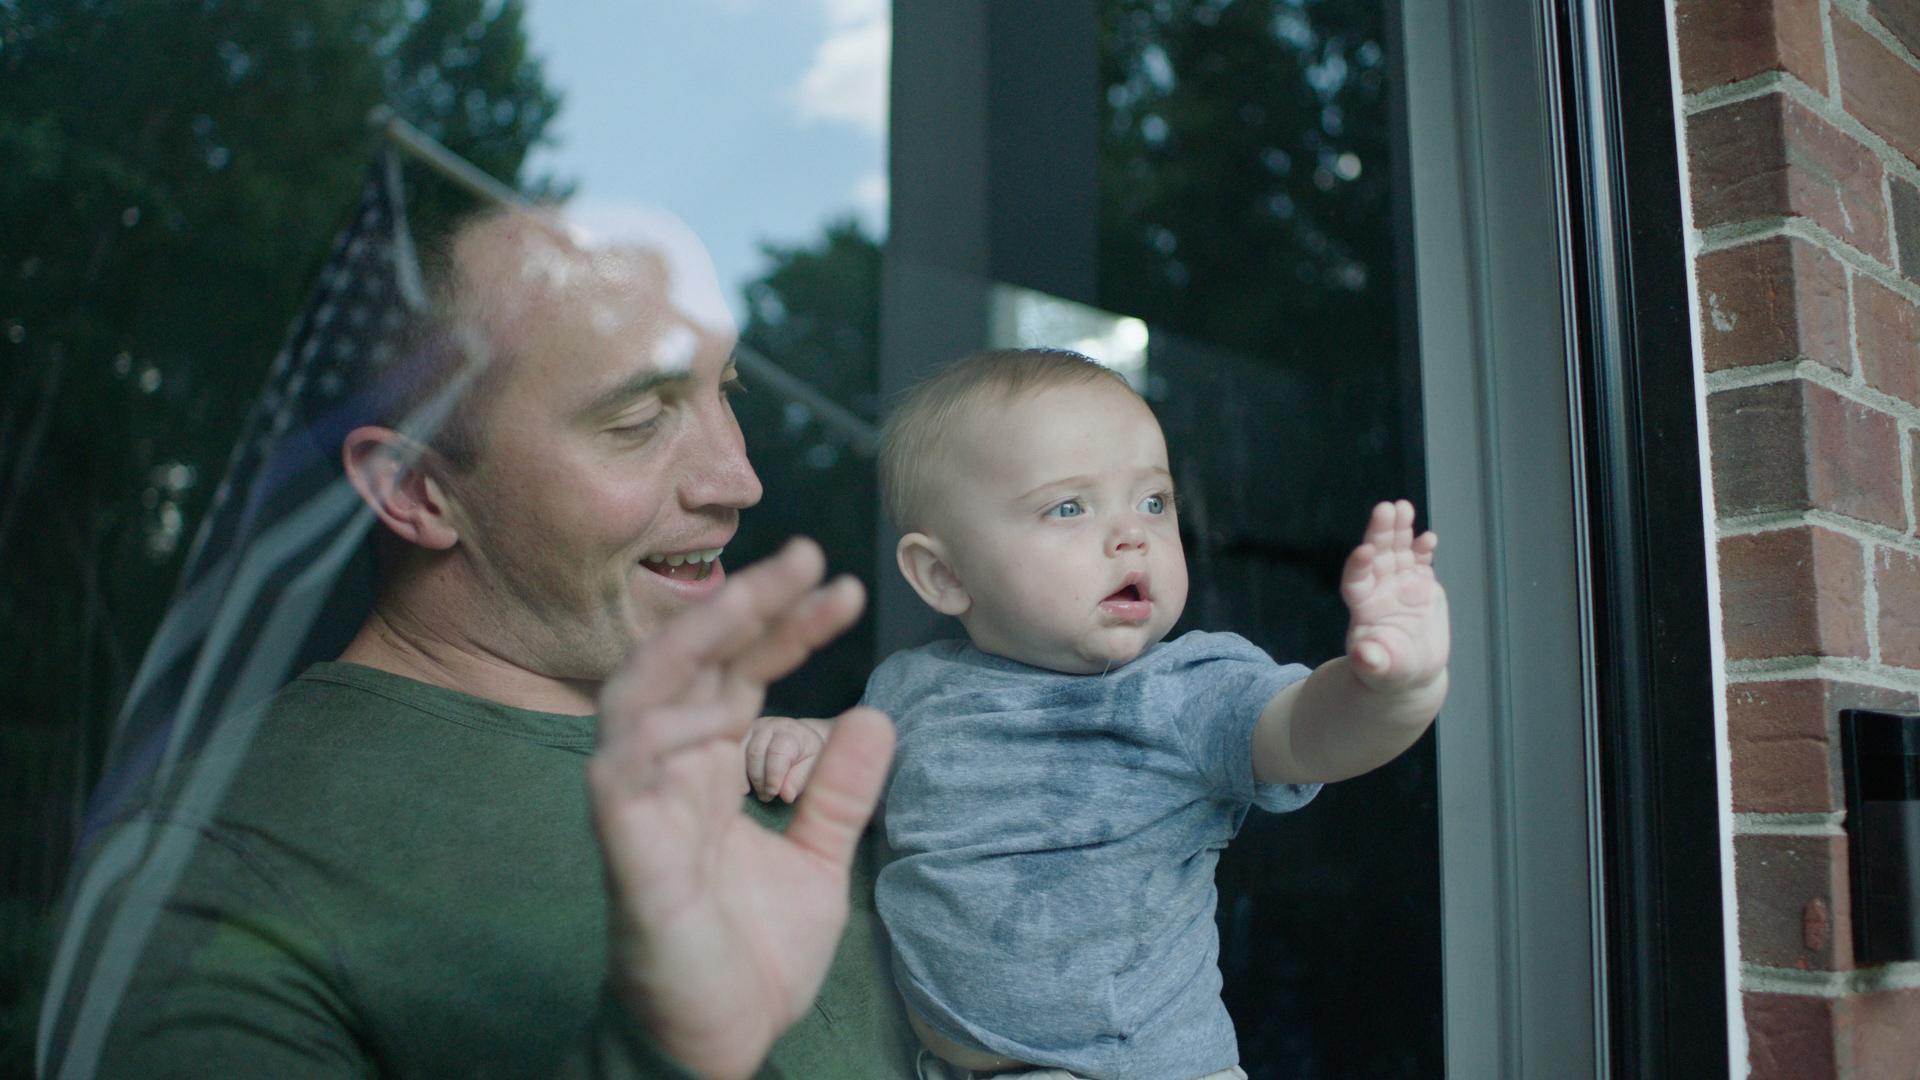 charleston baby door1.jpg